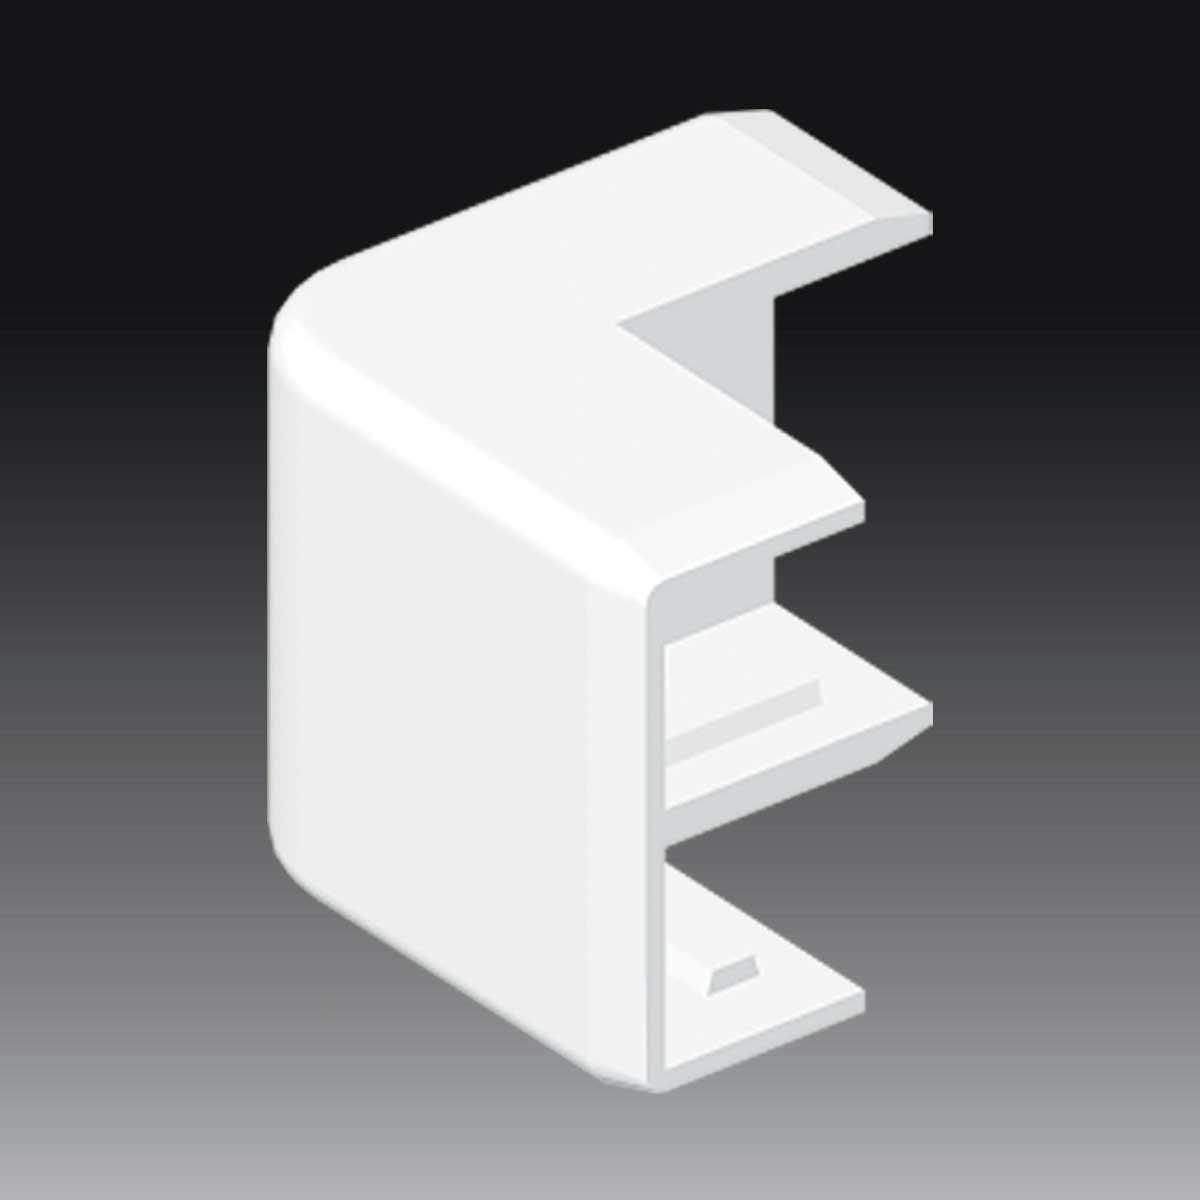 Кут зовнішній для LHD 32x15 білого кольору; Серія LHD; ПВХ